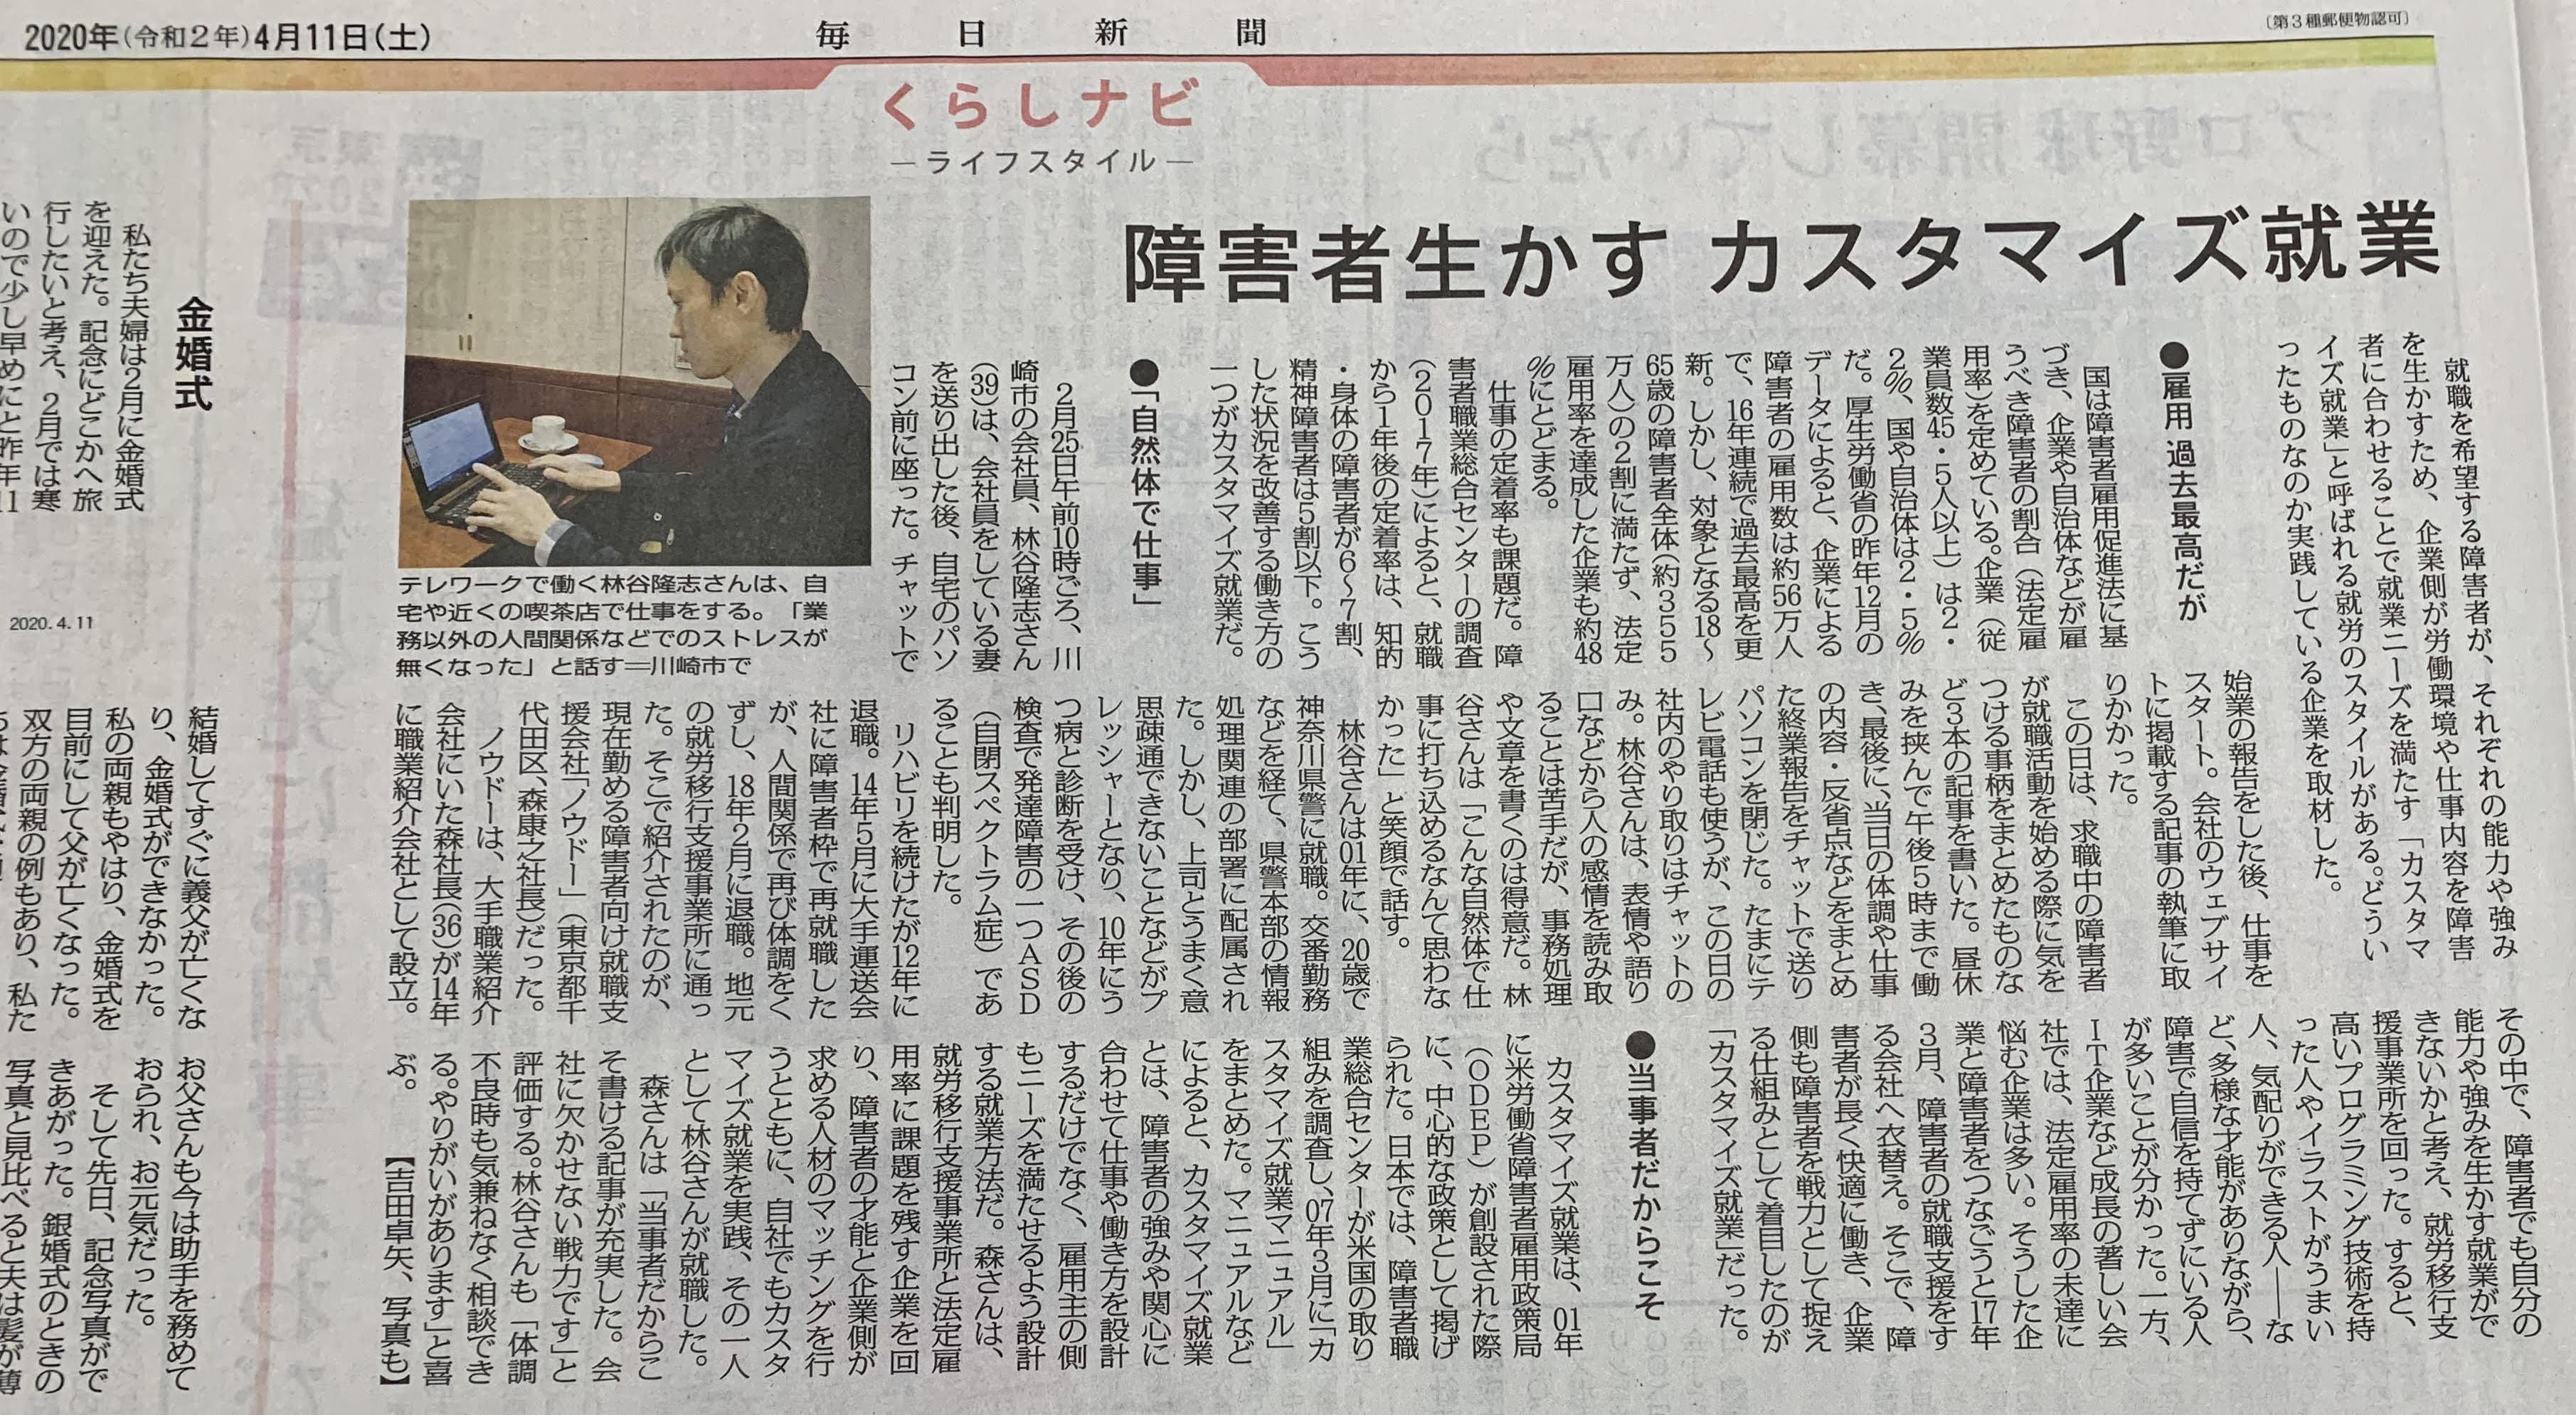 毎日新聞(2020年3月10日)に弊社取り組みが掲載されました。